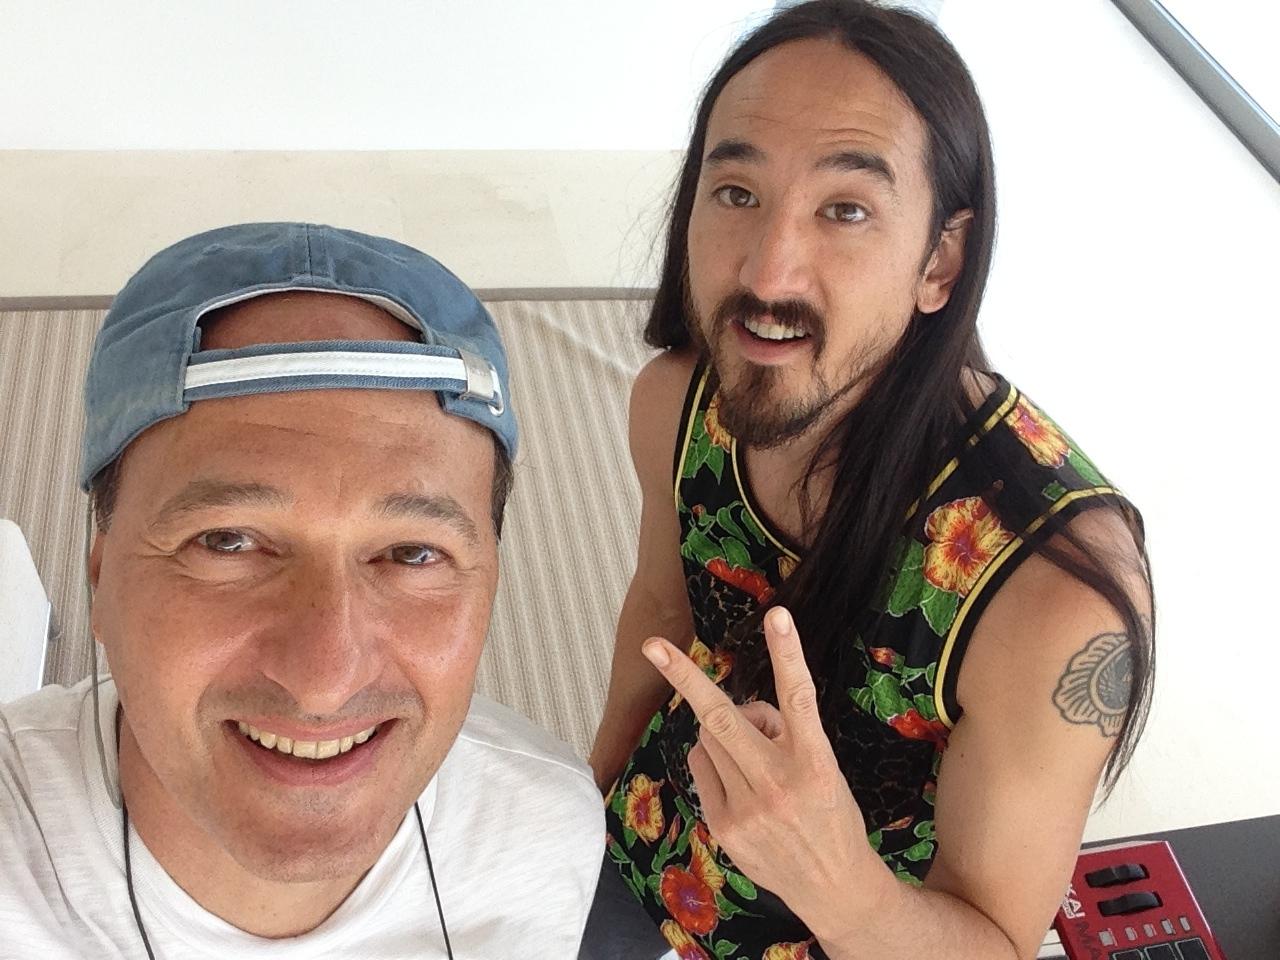 Alberto D'Onofrio e Steve aokijpg